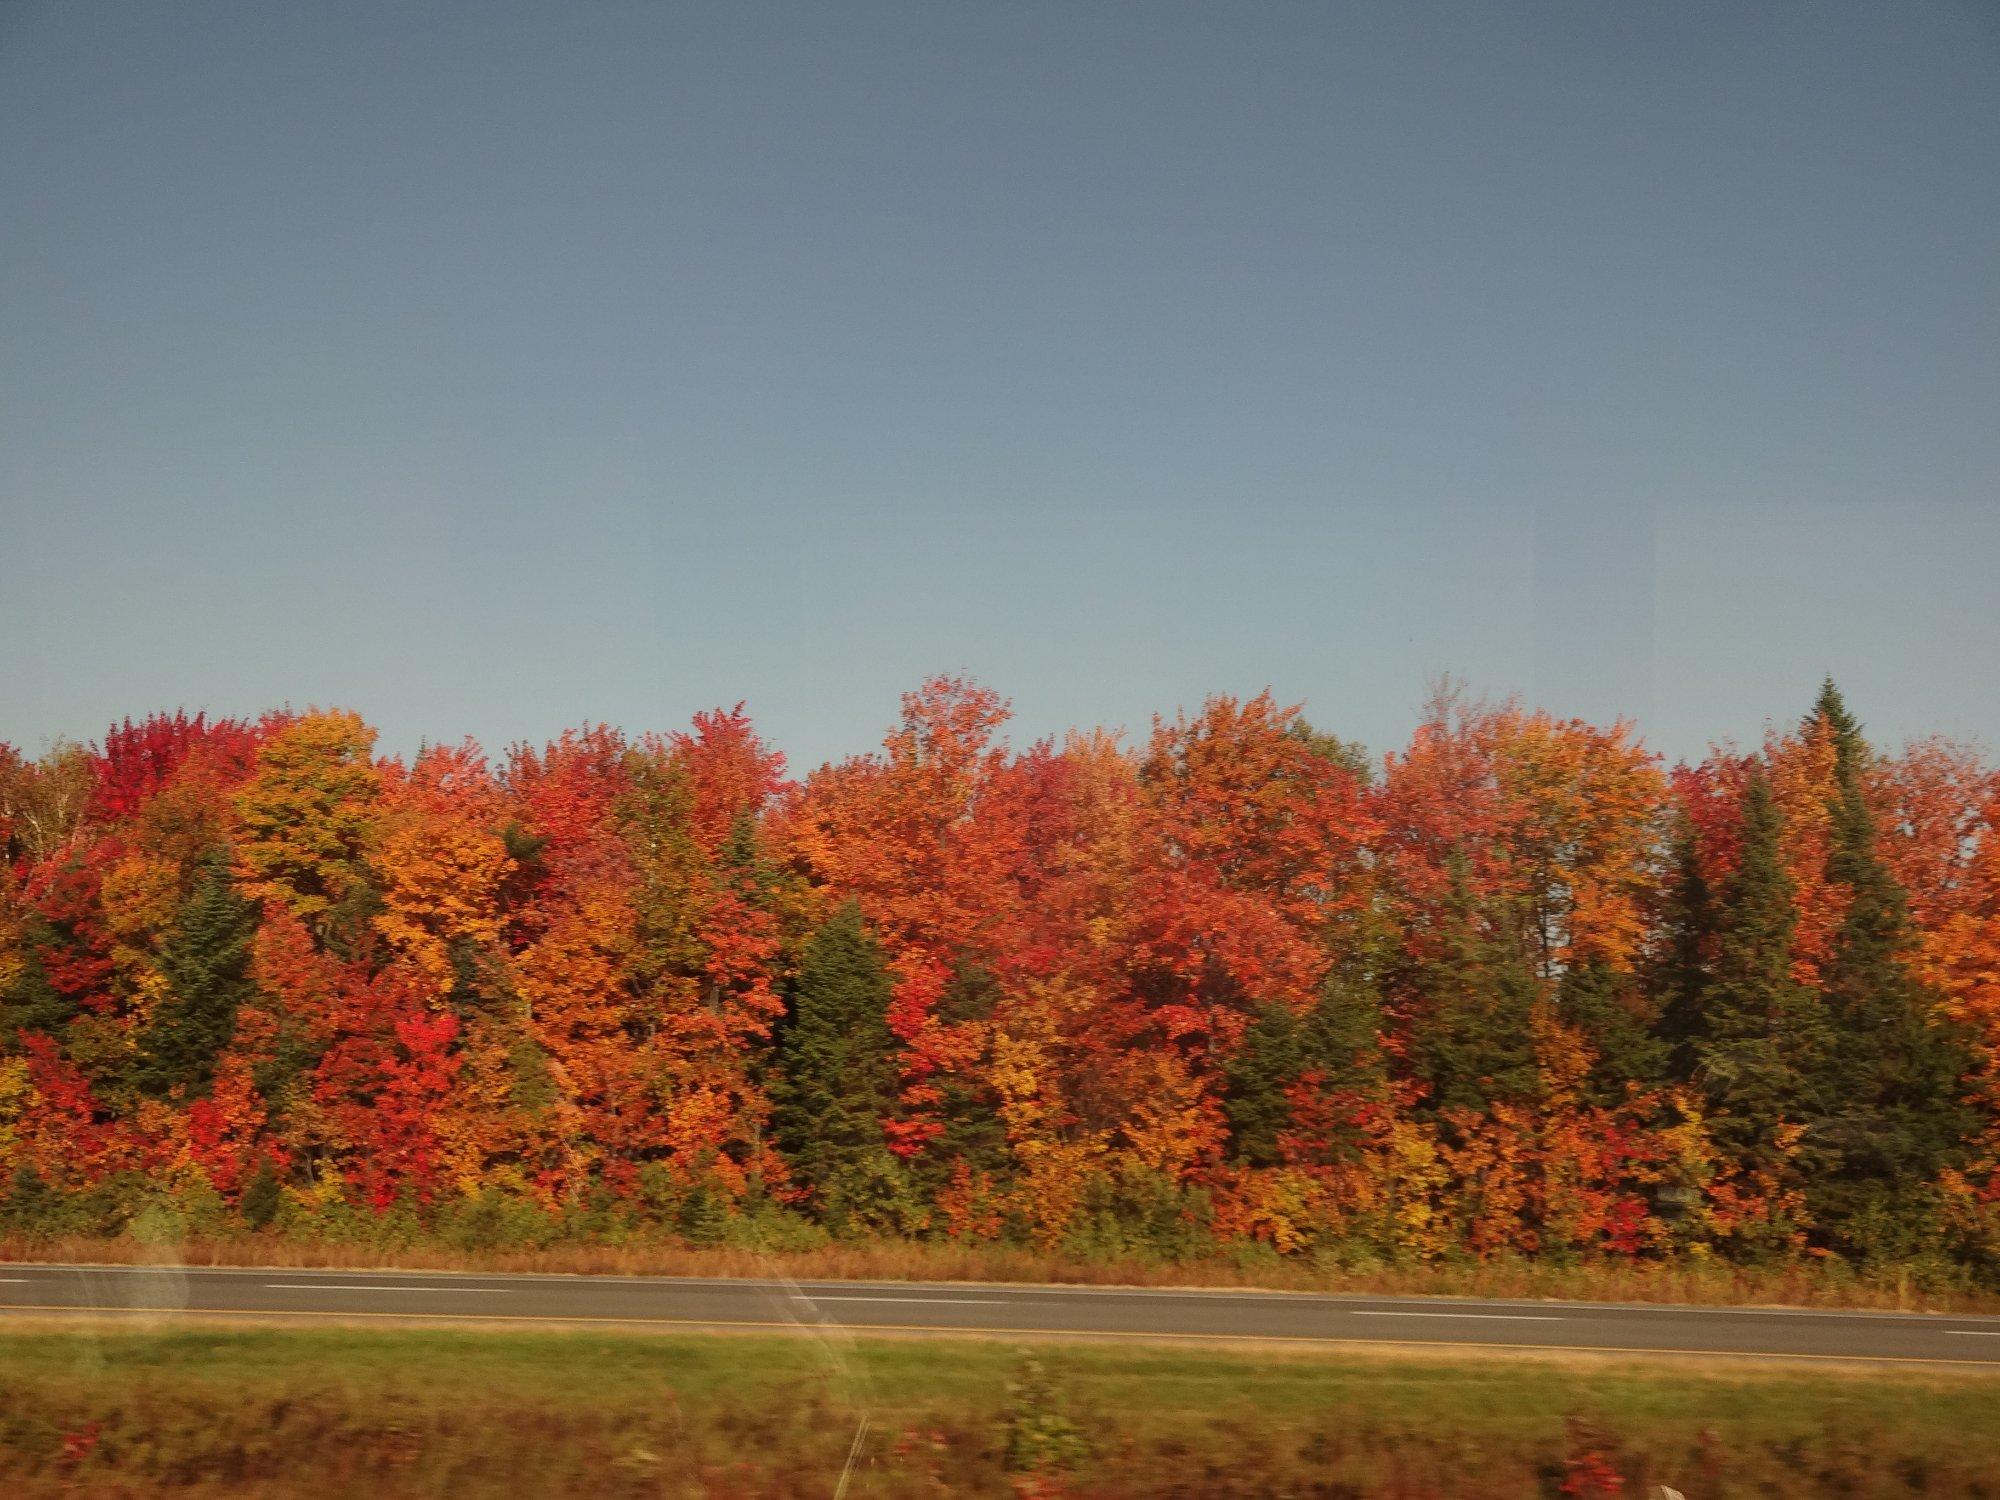 ケベックシティ近郊の紅葉